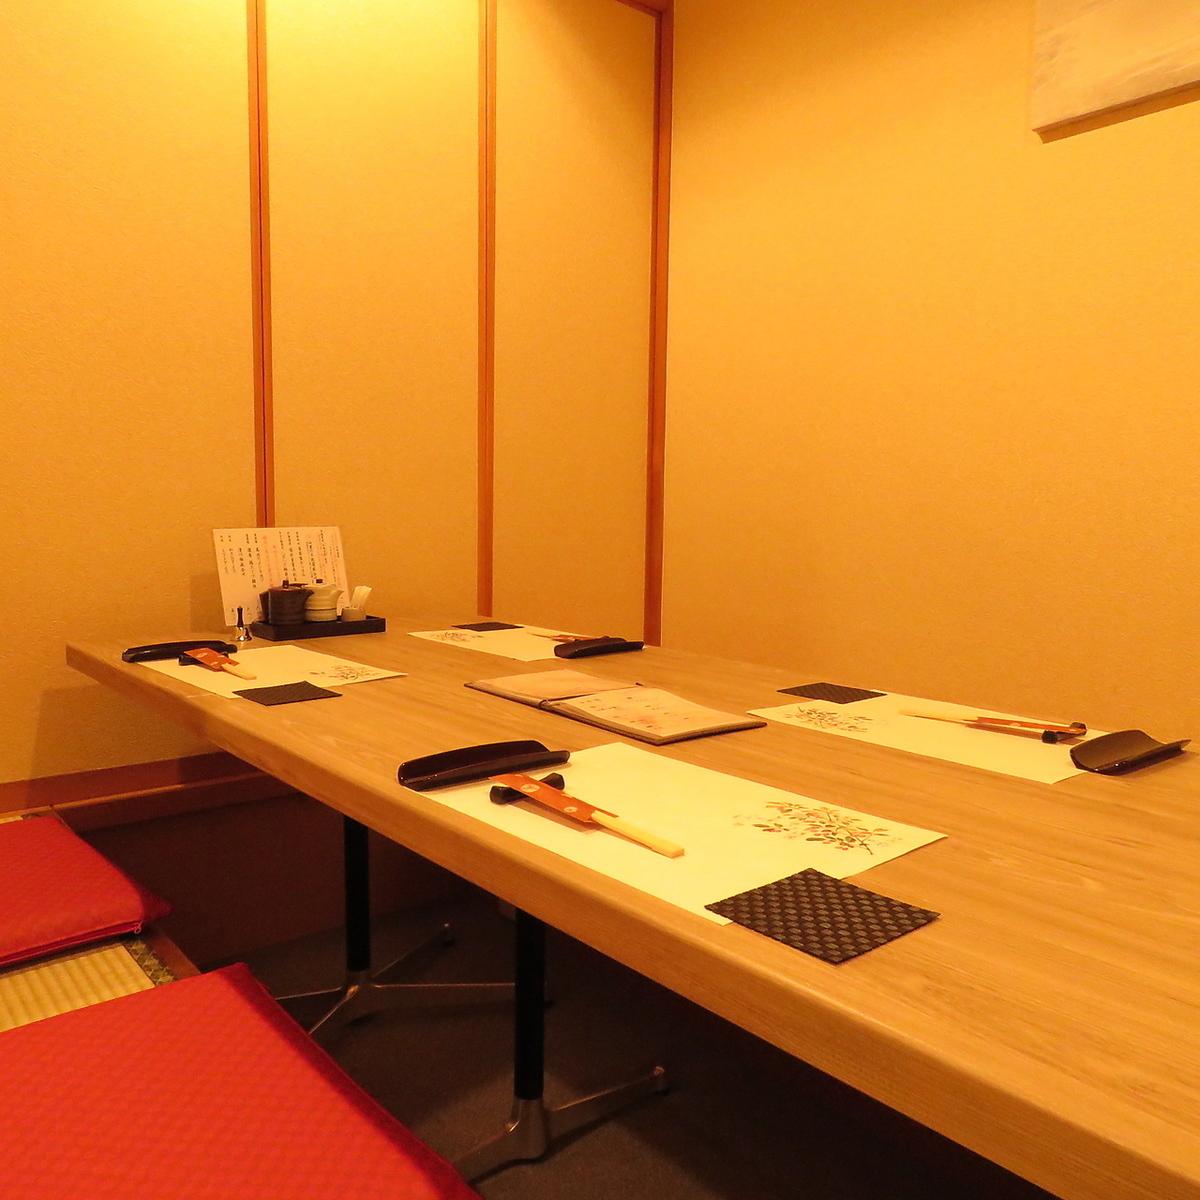 我們準備一個私人房間,您可以在那裡快速放鬆。請用於娛樂和宴會。※我們正在挖掘和鑽孔。(座位將分為6個席位×1個,4個席位×1個)